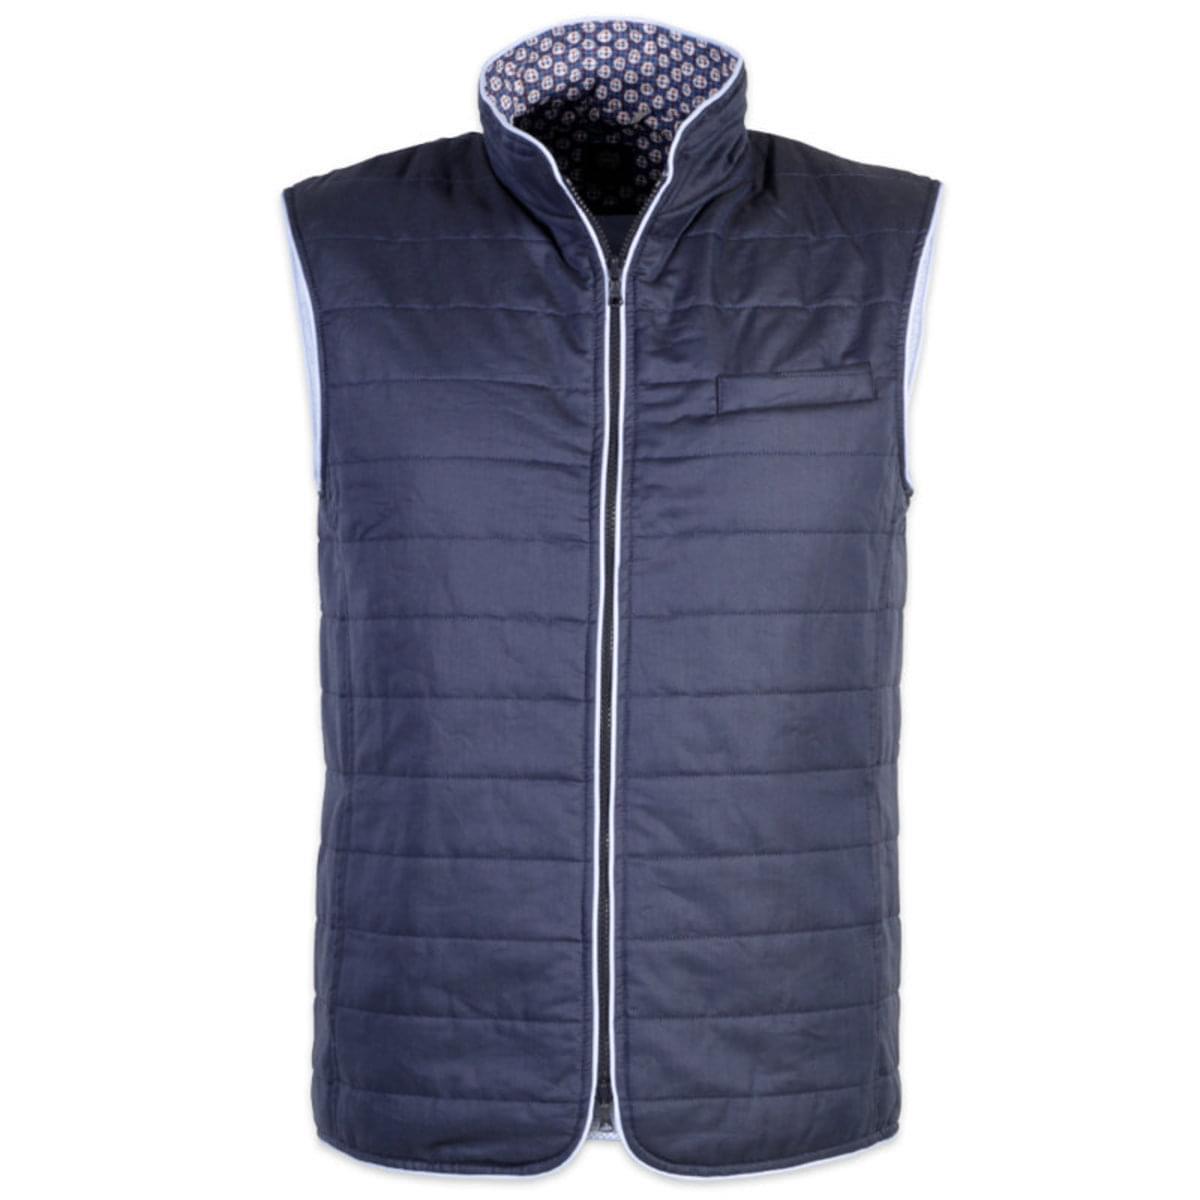 Pánská prošívaná vesta Robin 7543 ve tmavě modré barvě XXL